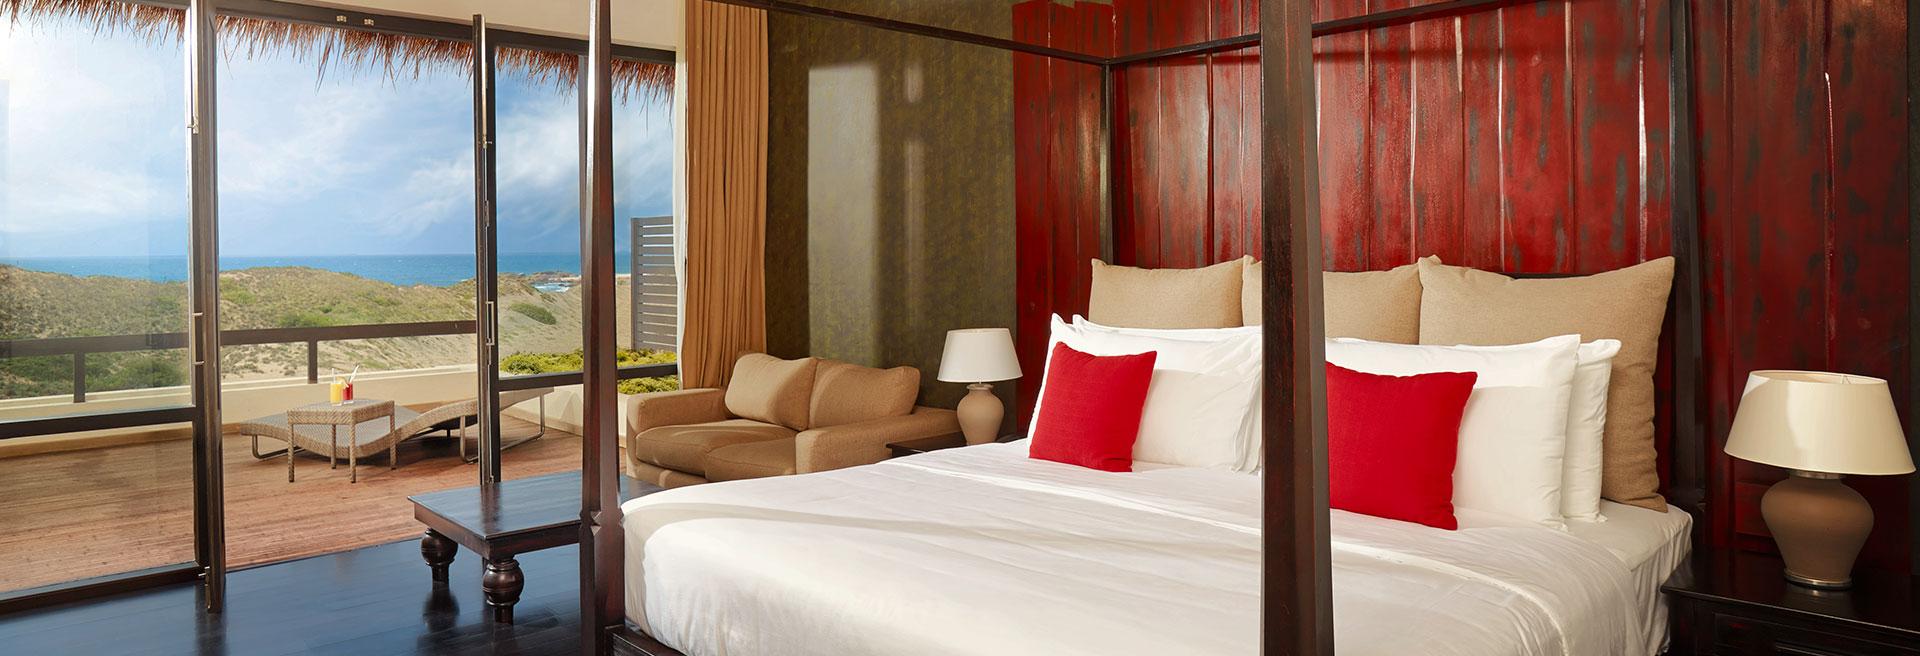 Yala national park luxury bed room accommodation